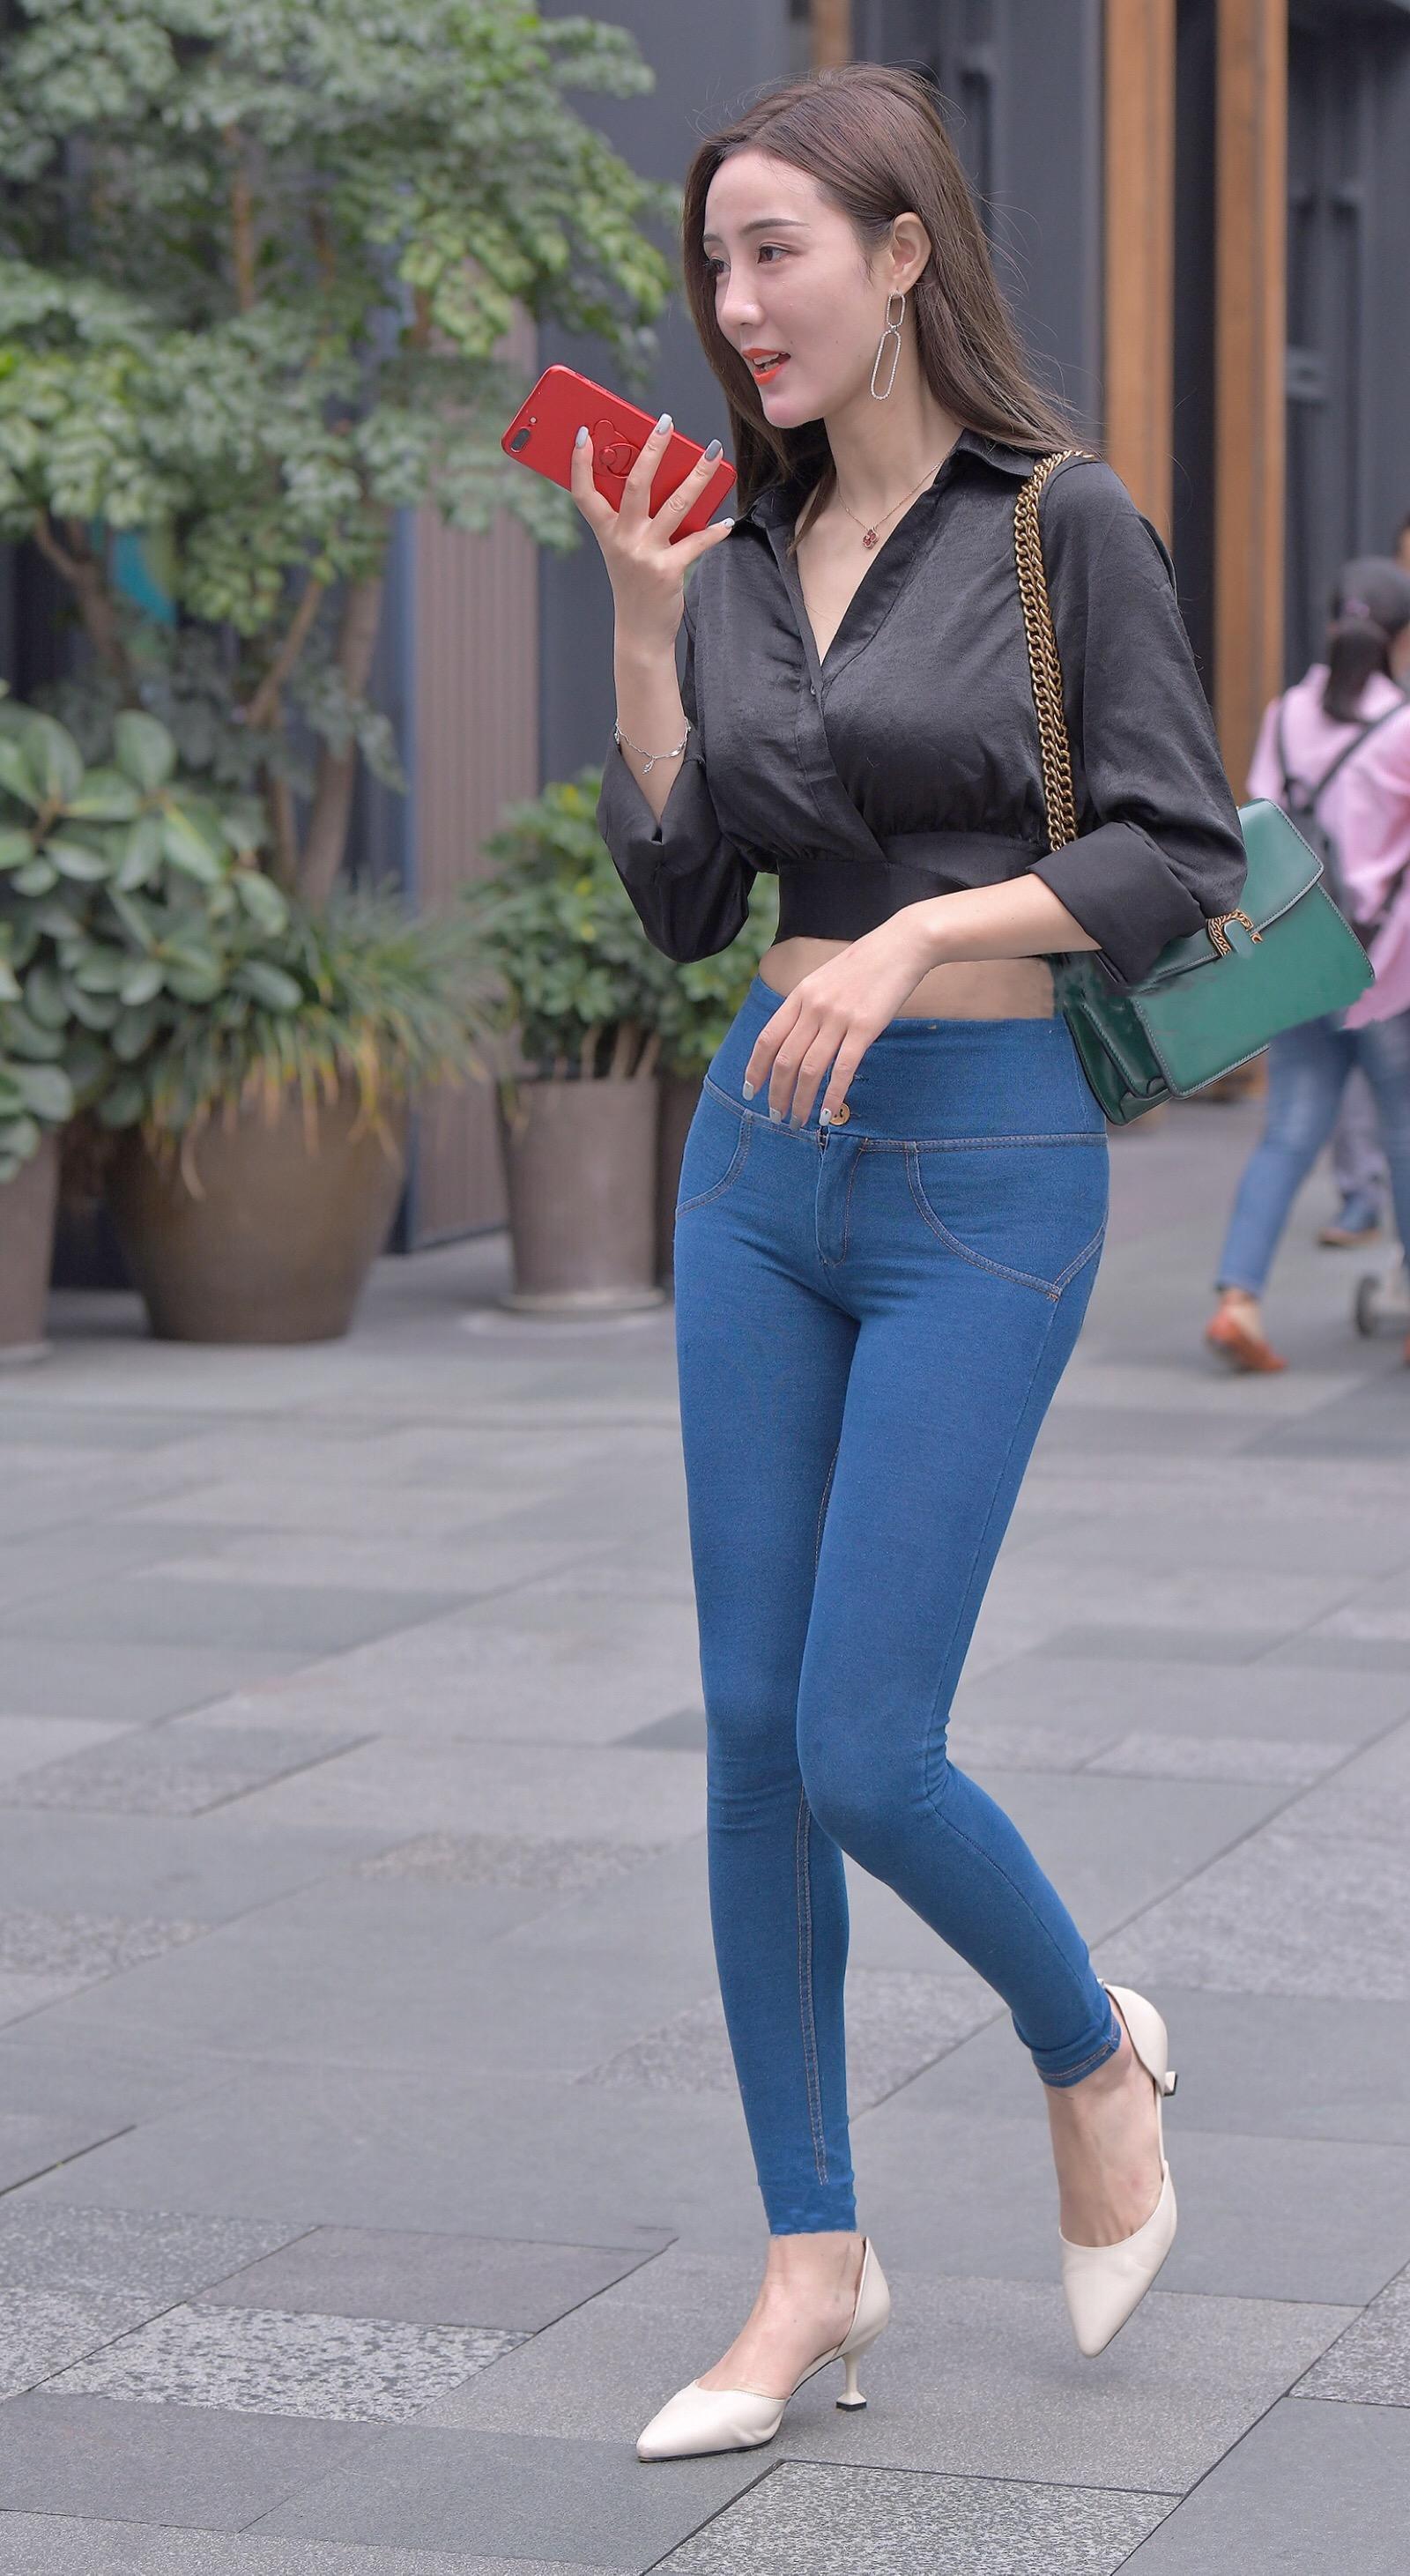 街拍:紧身牛仔裤太好看,把姑娘的身材都显出来了